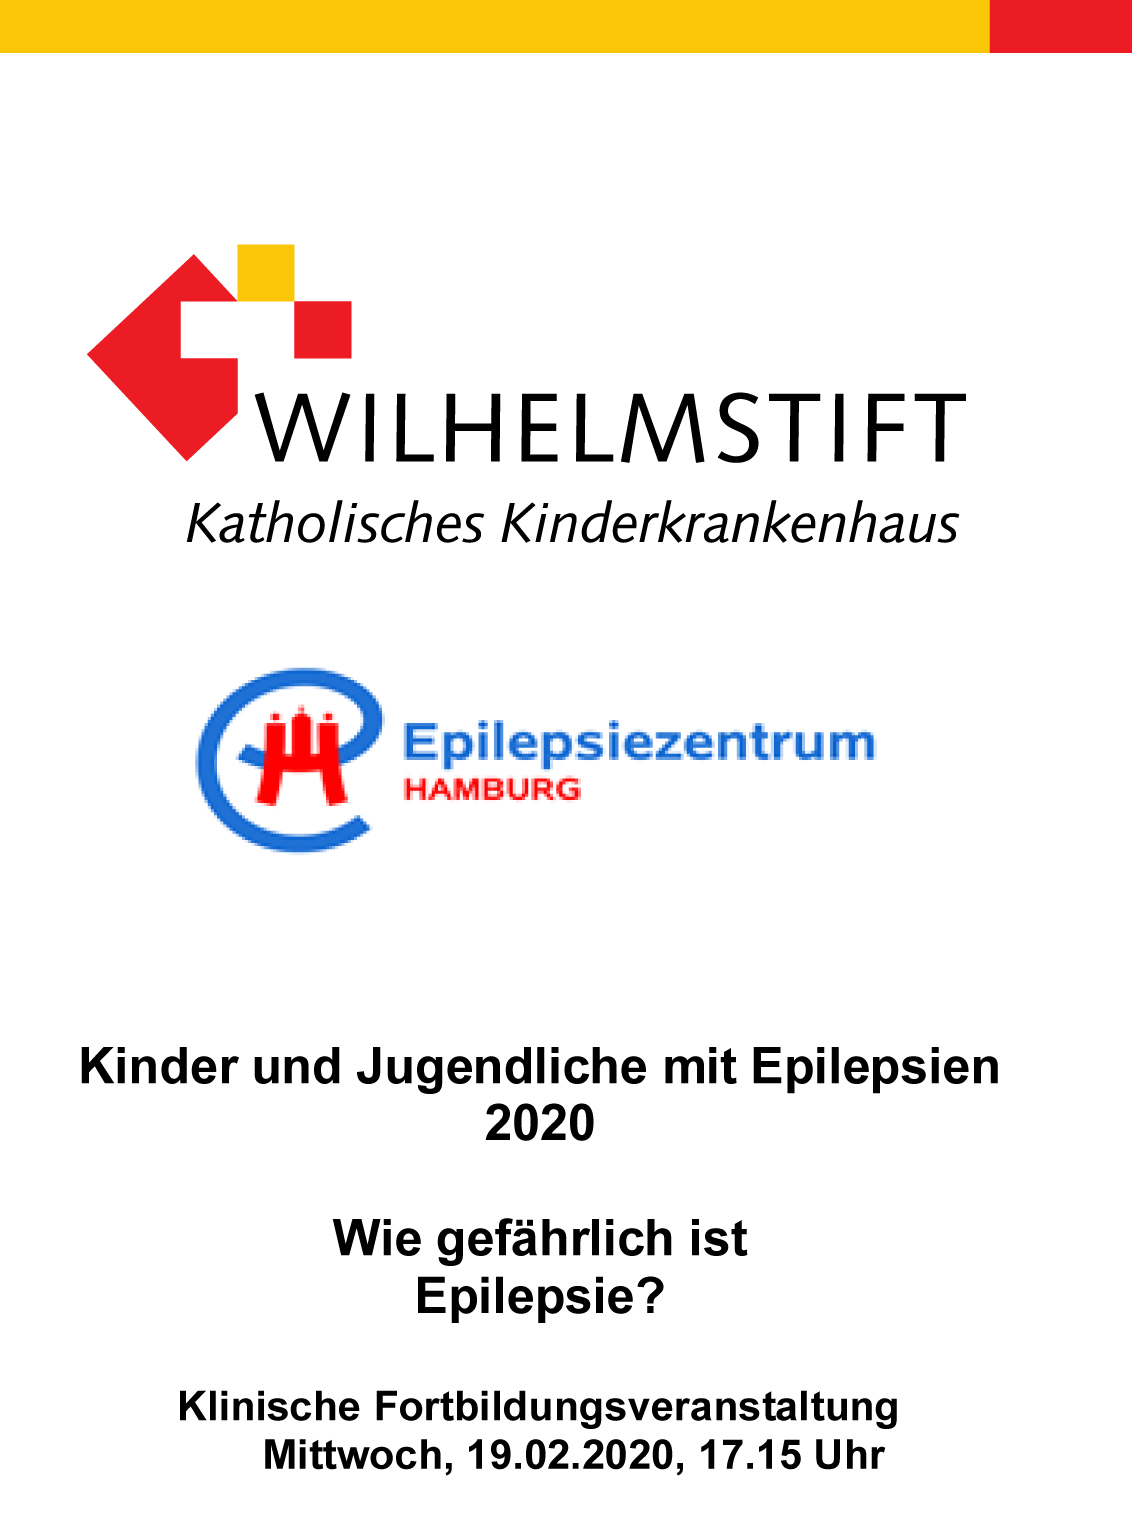 Kinder und Jugendliche  mit Epilepsien 2020 - Wie gefährlich ist Epilepsie?